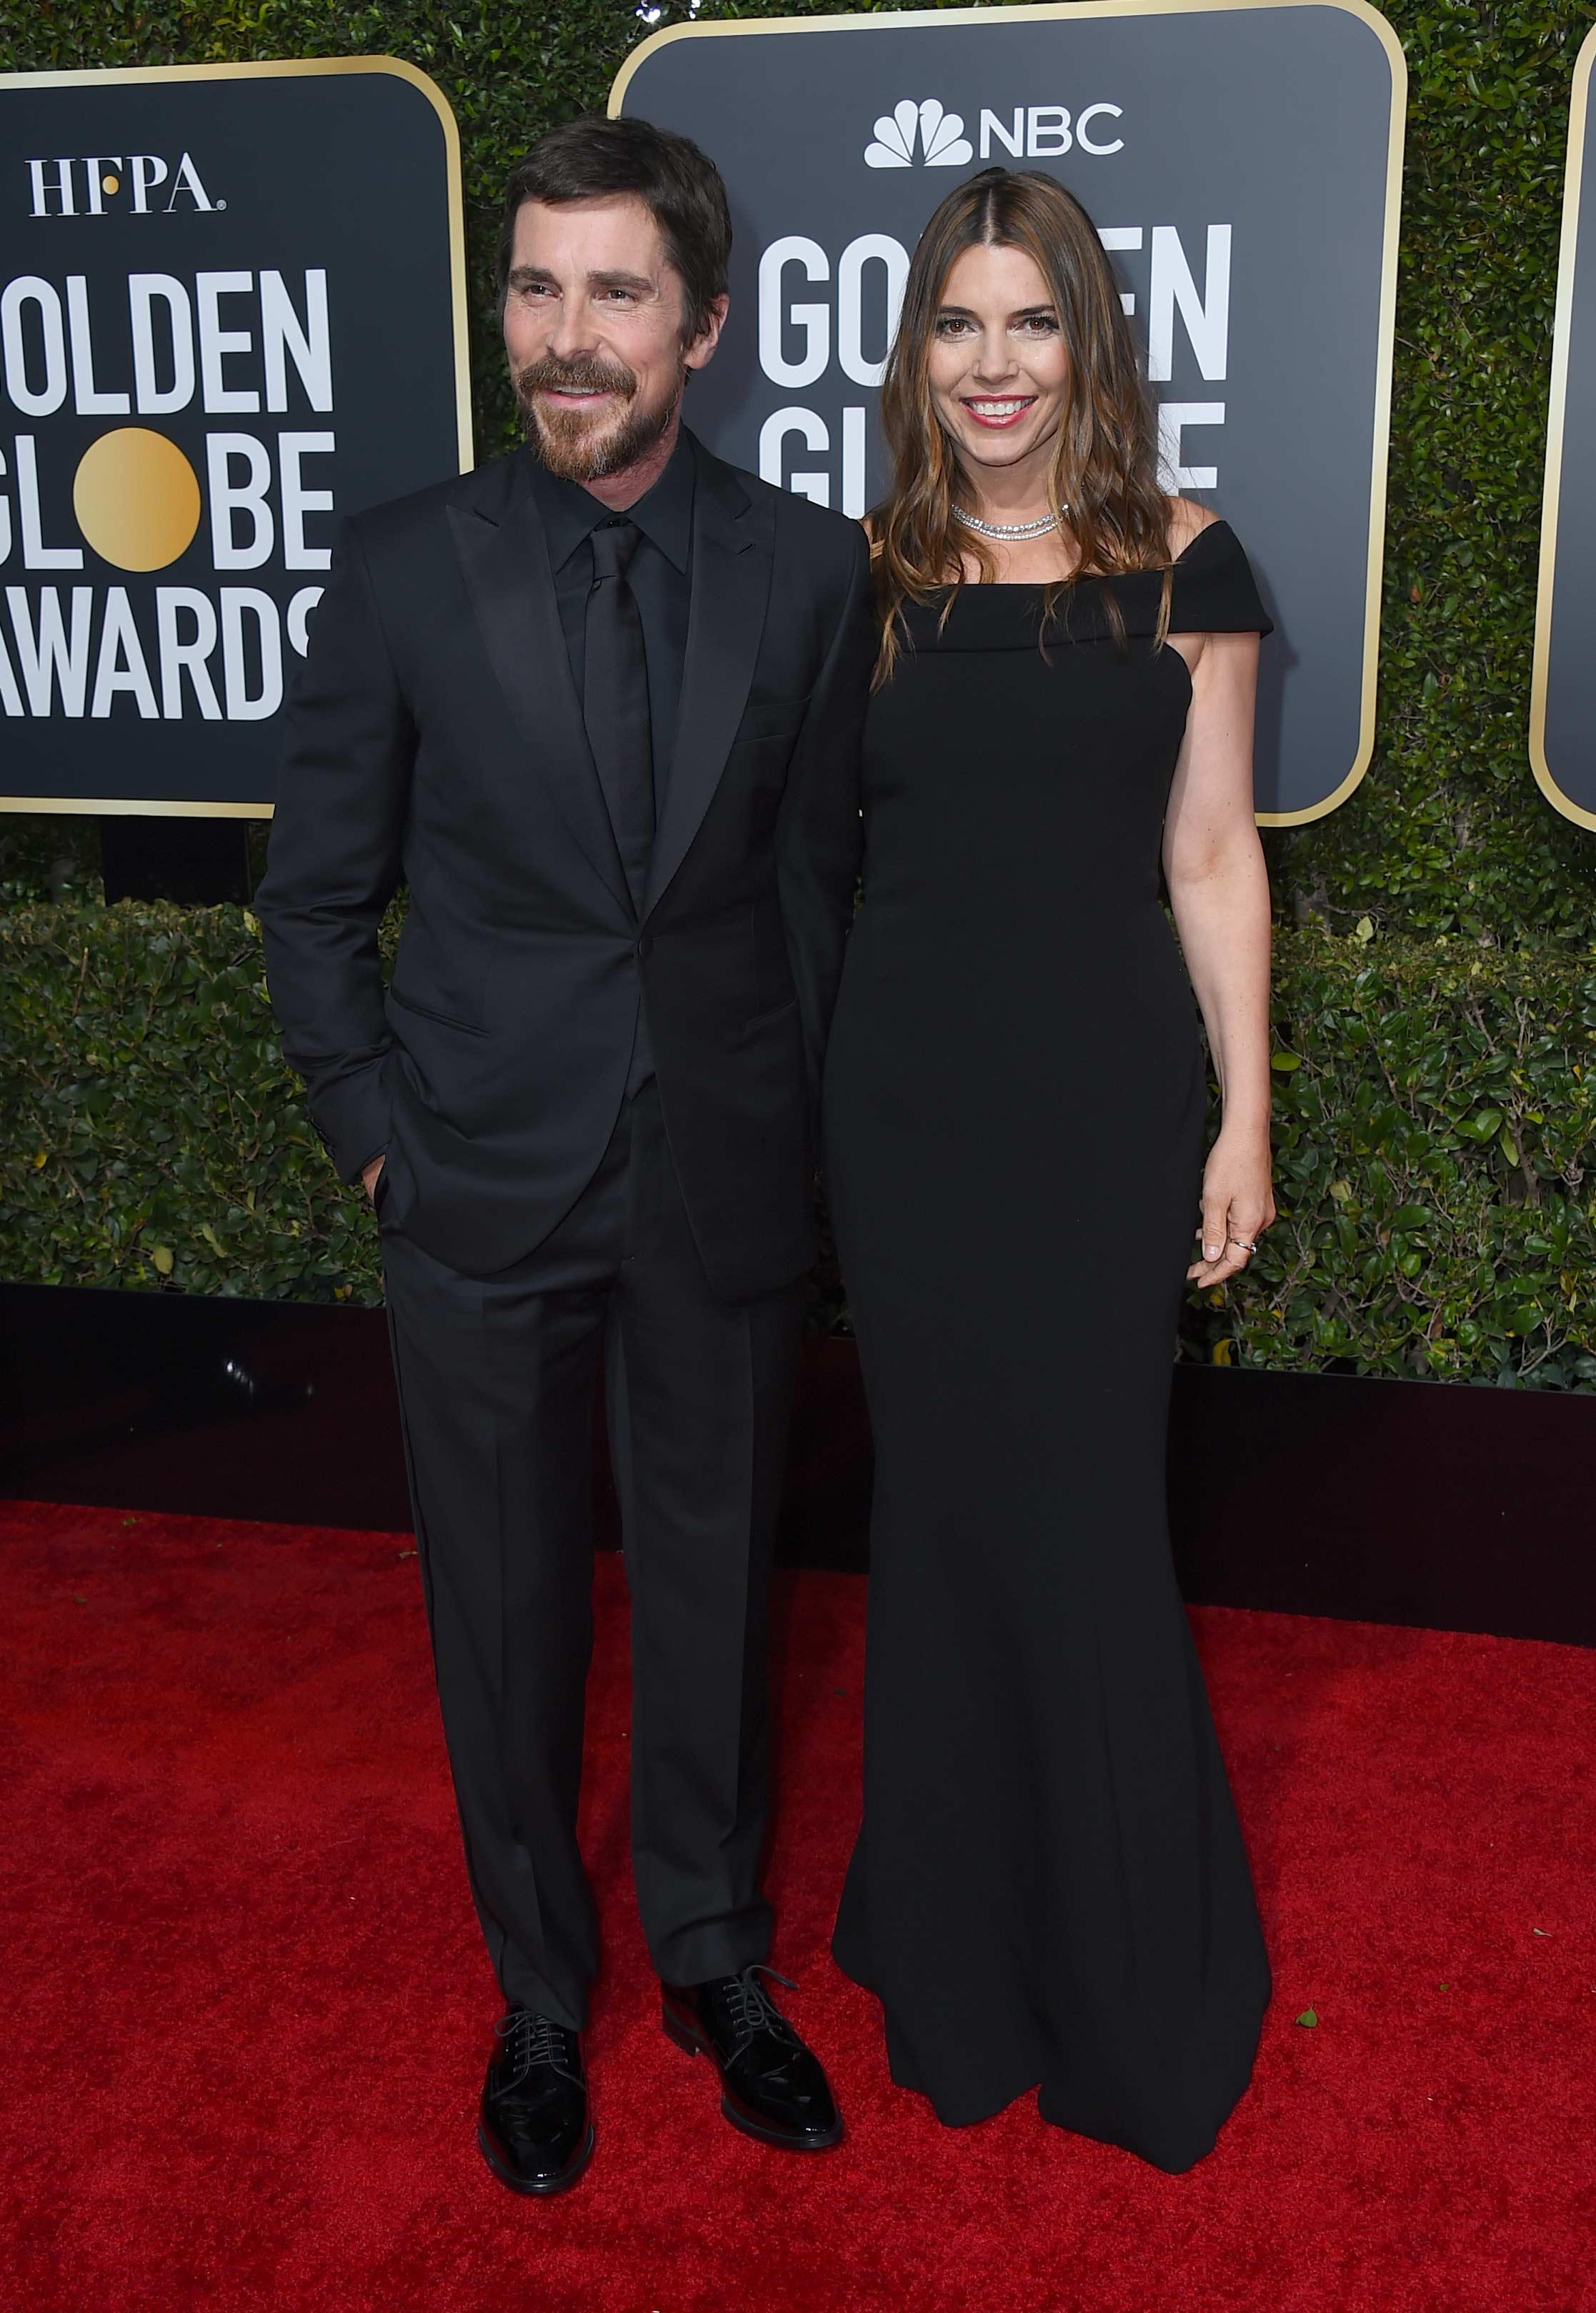 El actor Christian Bale, junto a su esposa Sibi Blazic, quien le sirvió de ayuda cuando el ganador del Golden Globe tuvo que agradecer desde el escenario. (Foto: AP)